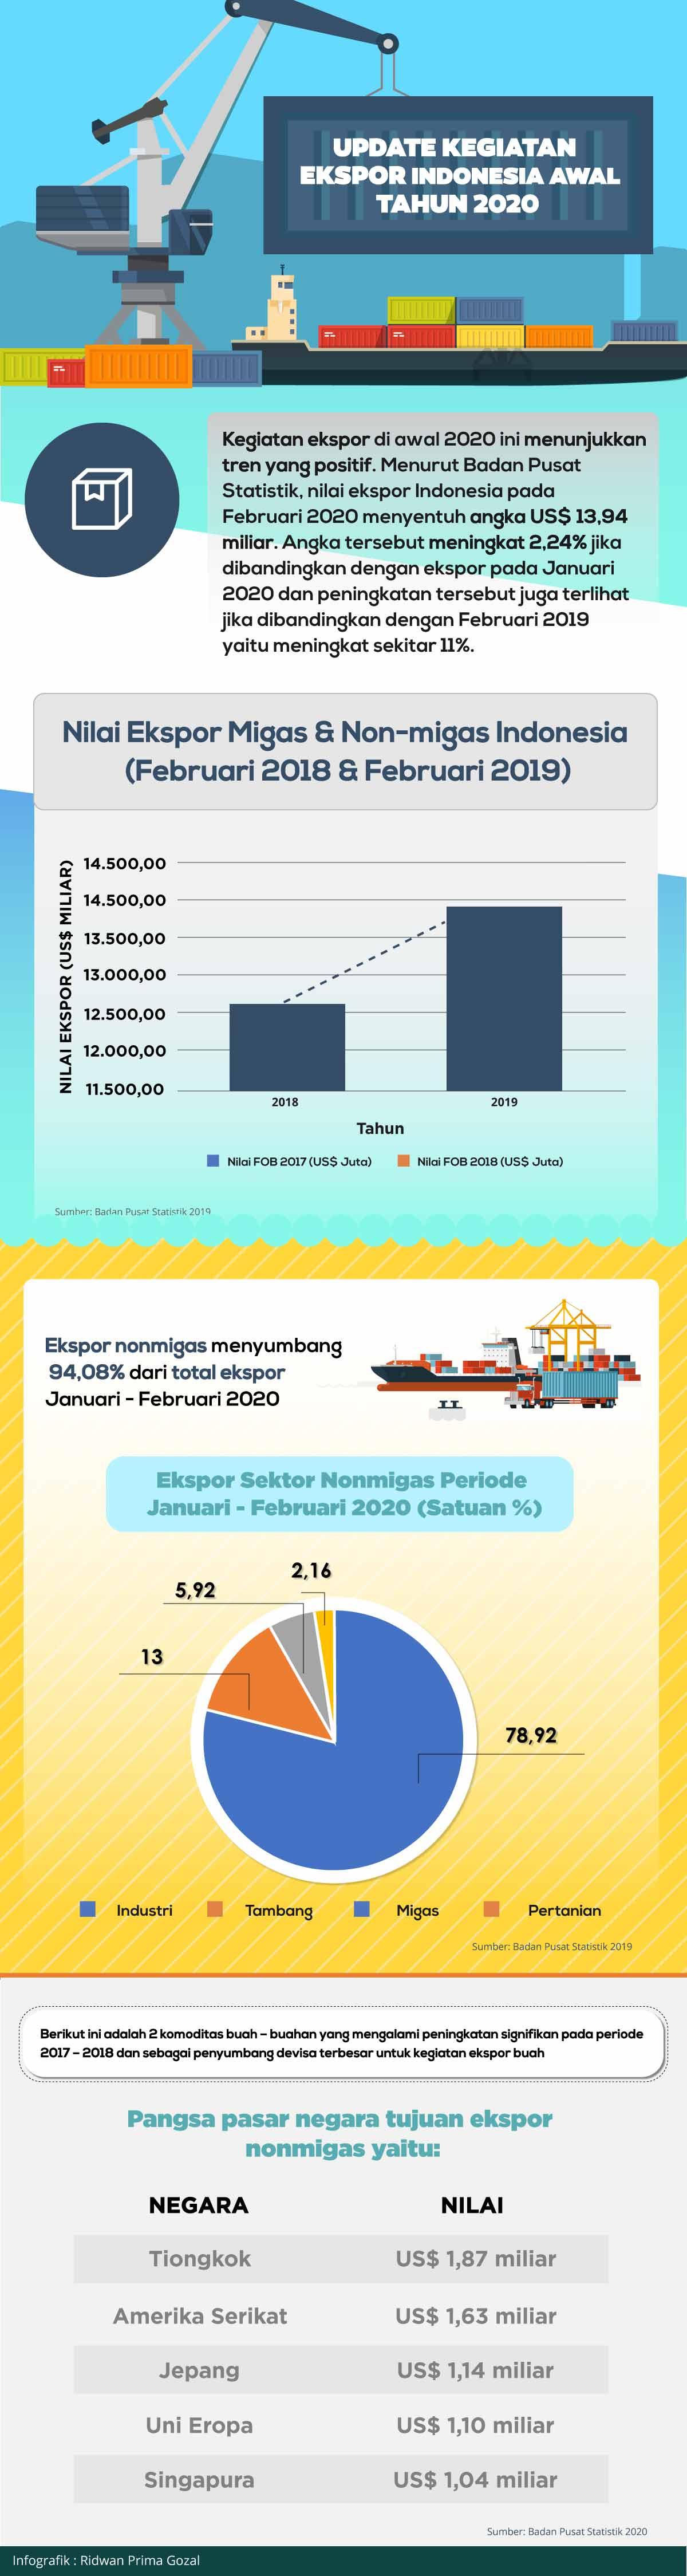 Infografik ExportExpert Ekspor